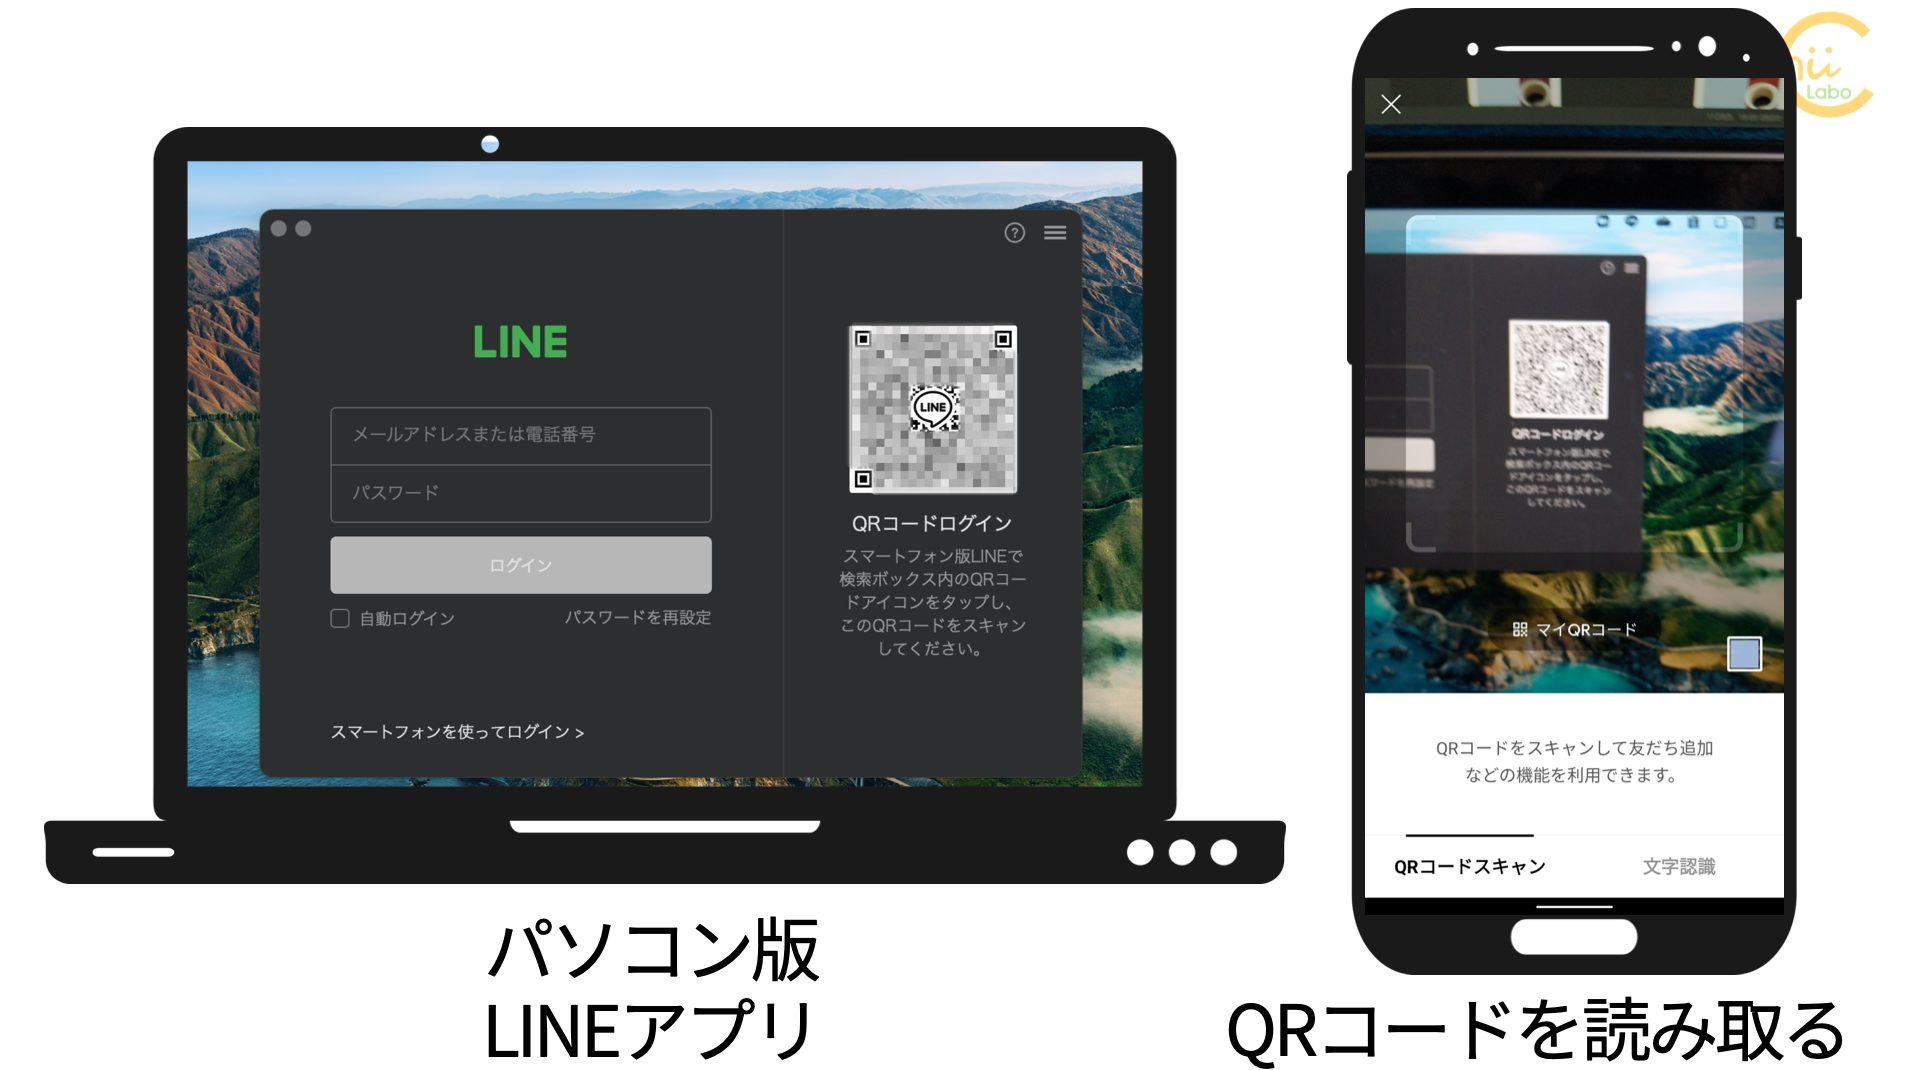 パソコン ログイン line